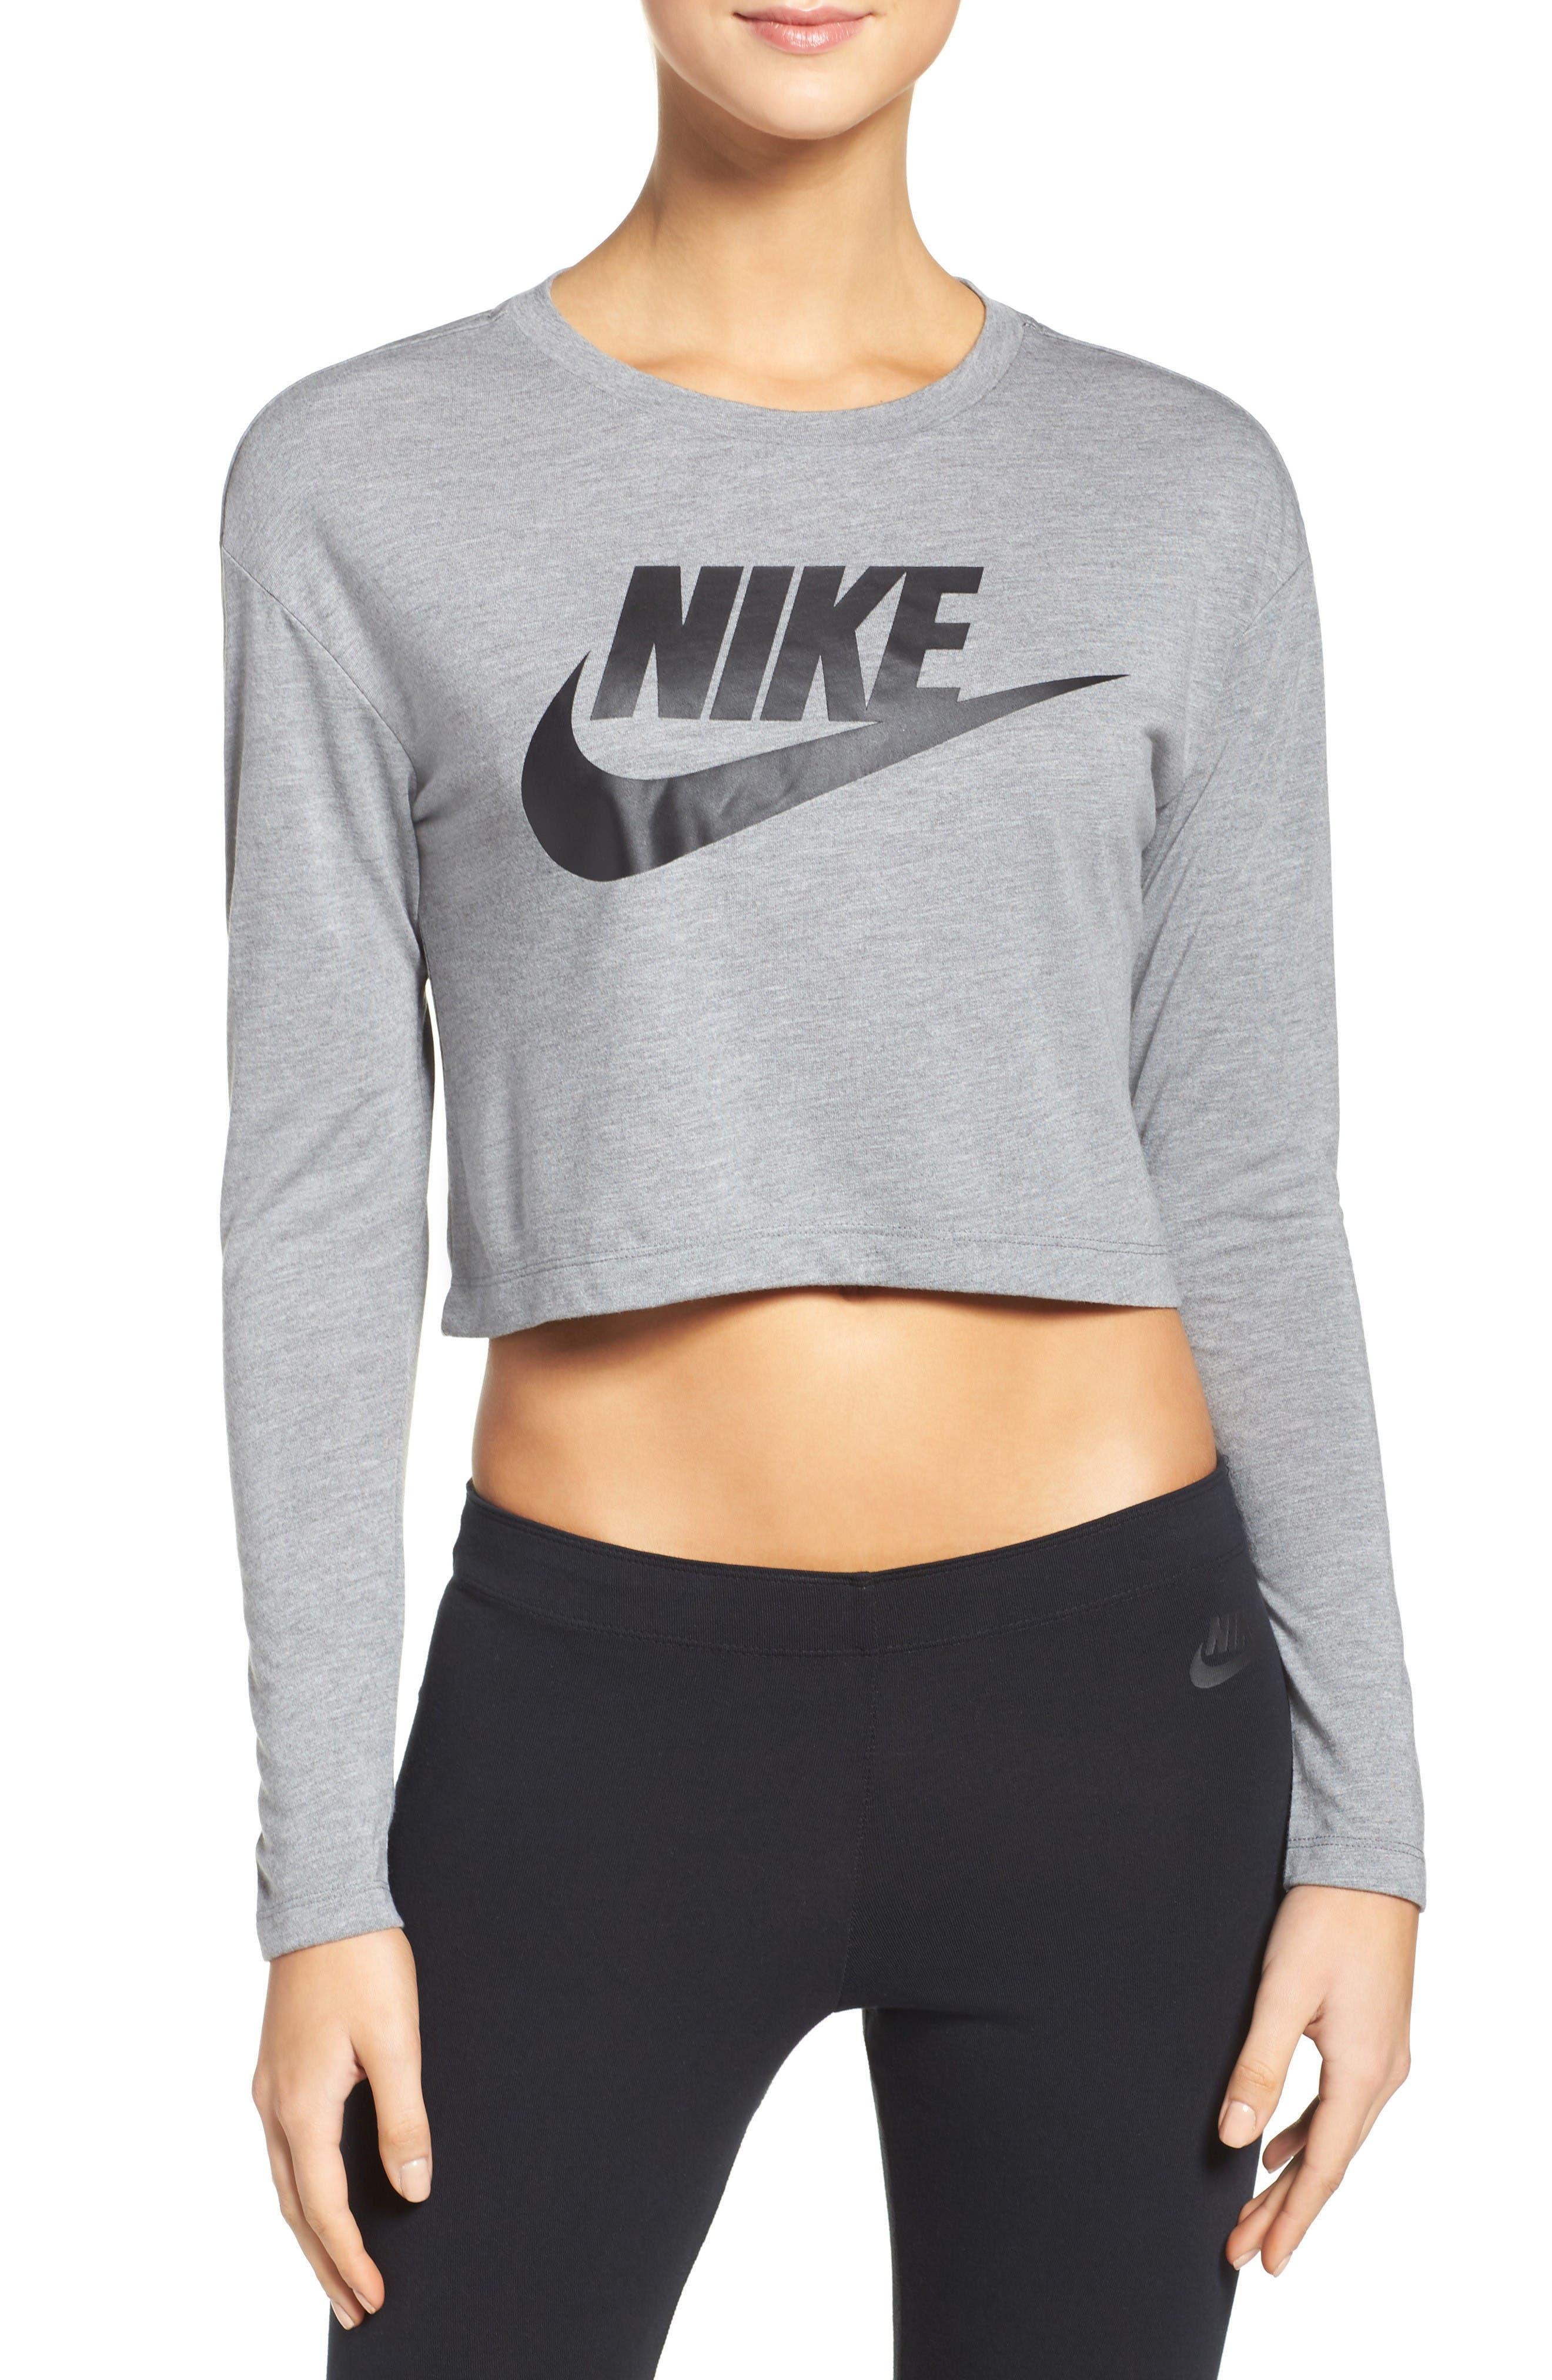 Nike Sportswear Graphic Crop Tee